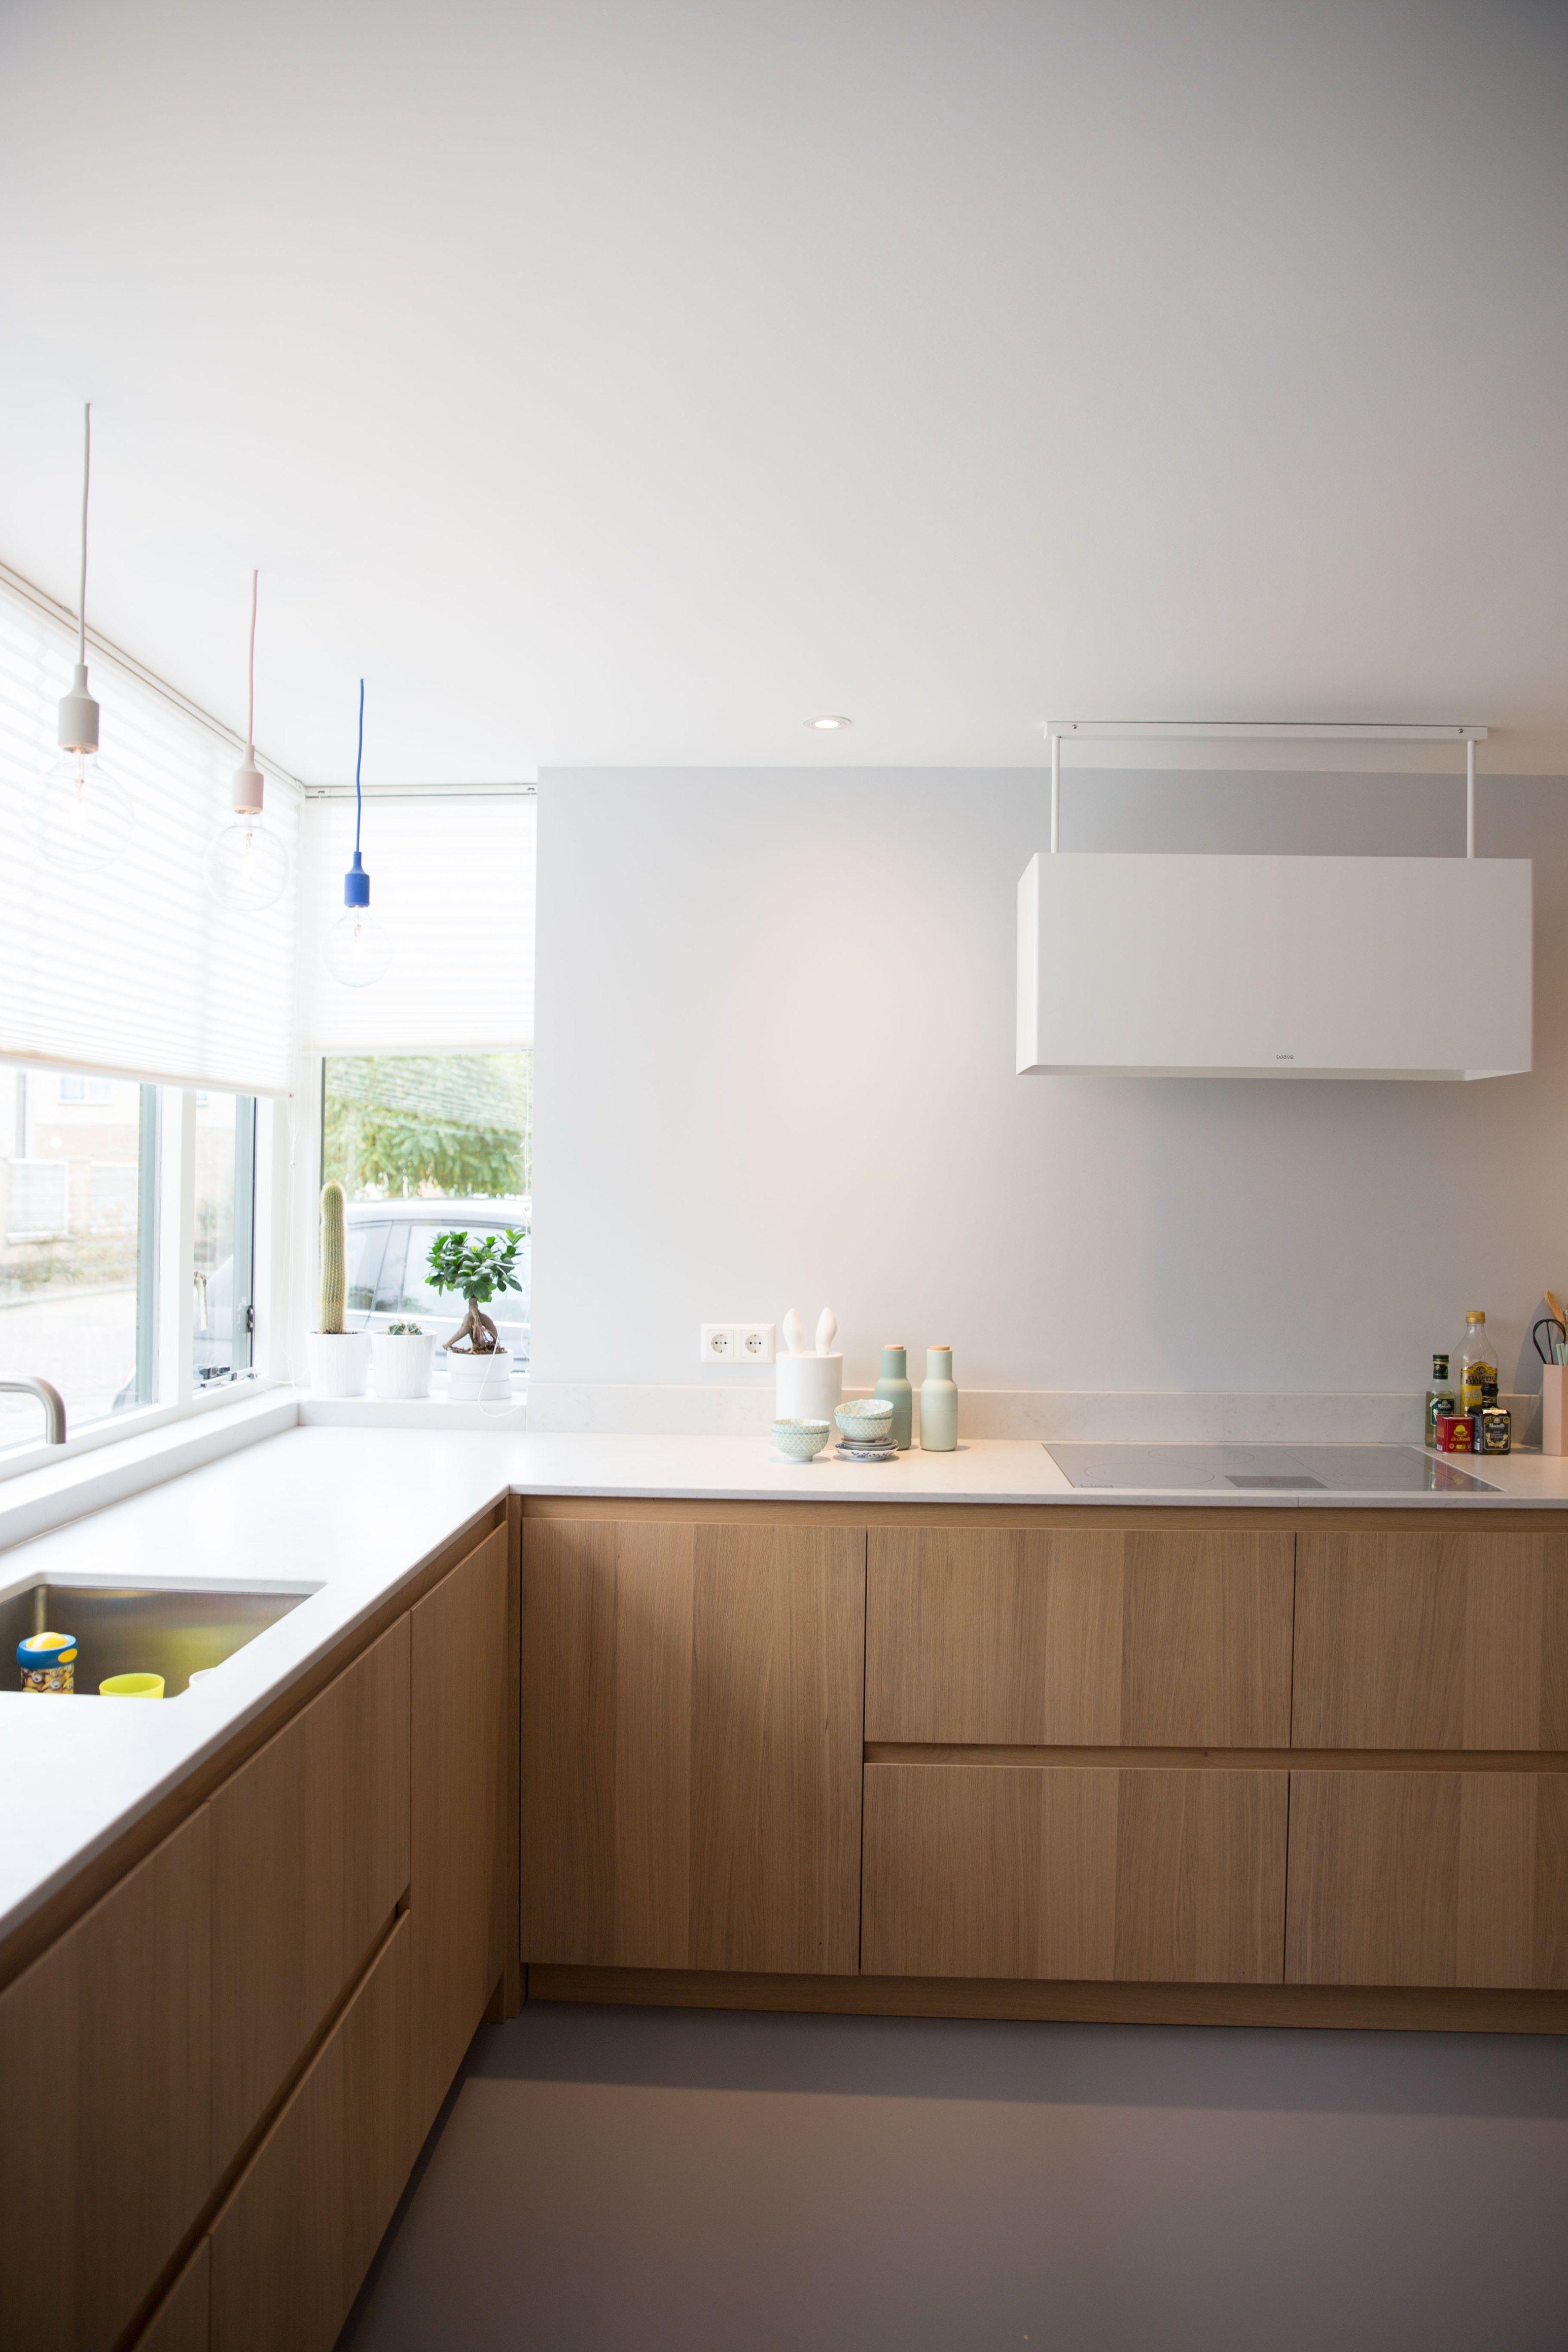 Küchenideen eiche femkeidoprojectenvoorhoutblog  küche  pinterest  küchen